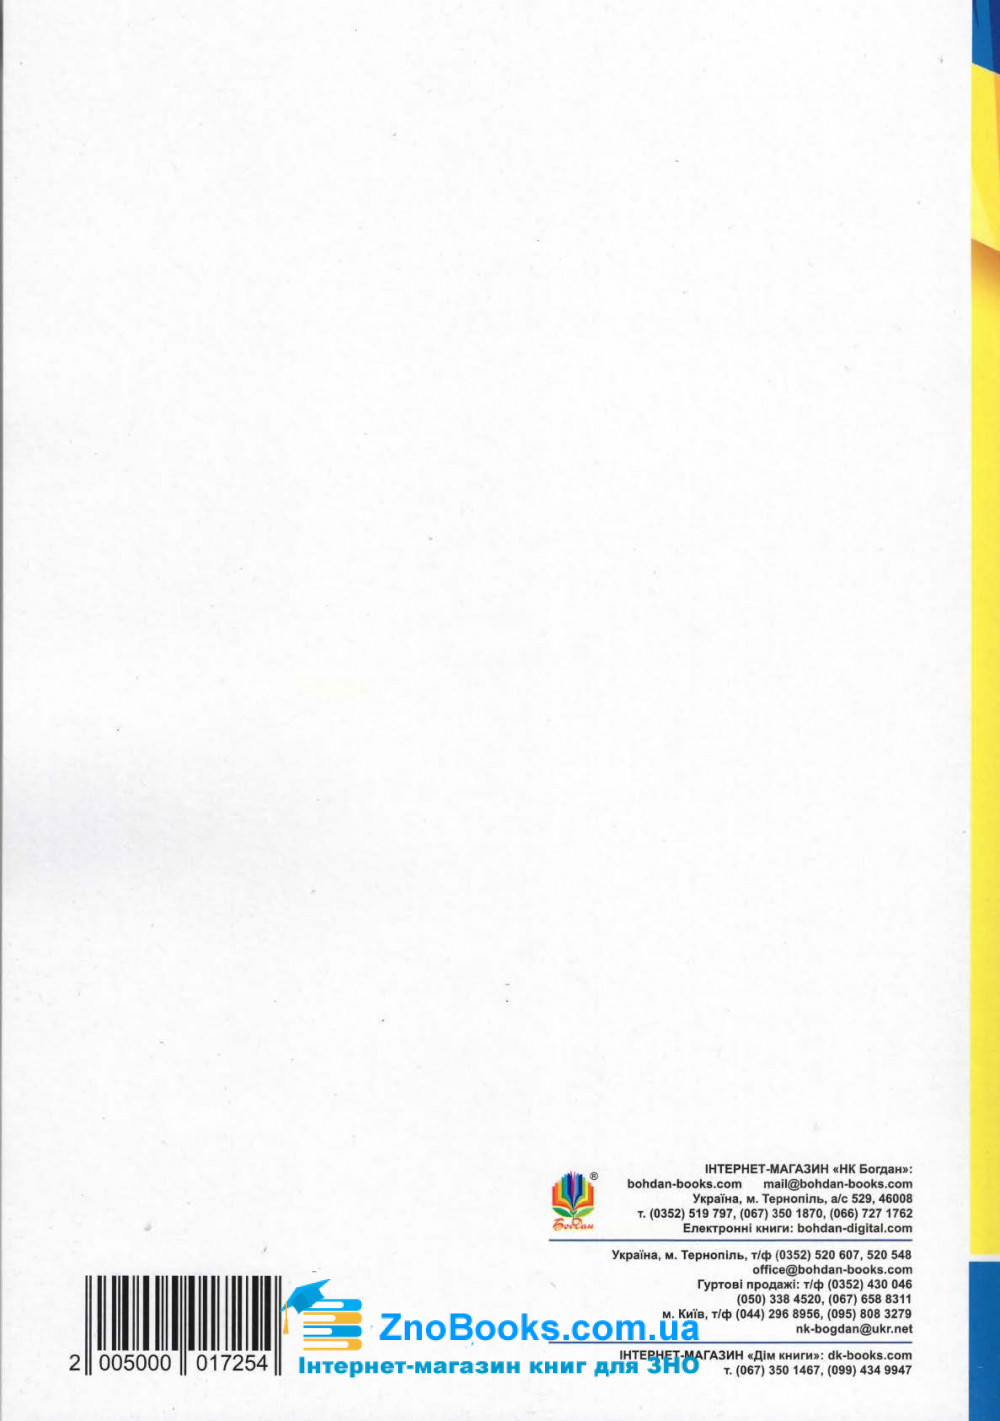 Історія України: комплексне видання до ЗНО 2021 : Сорочинська Н. М., Герасимчук В. М. Навчальна книга - Богдан. купити 11